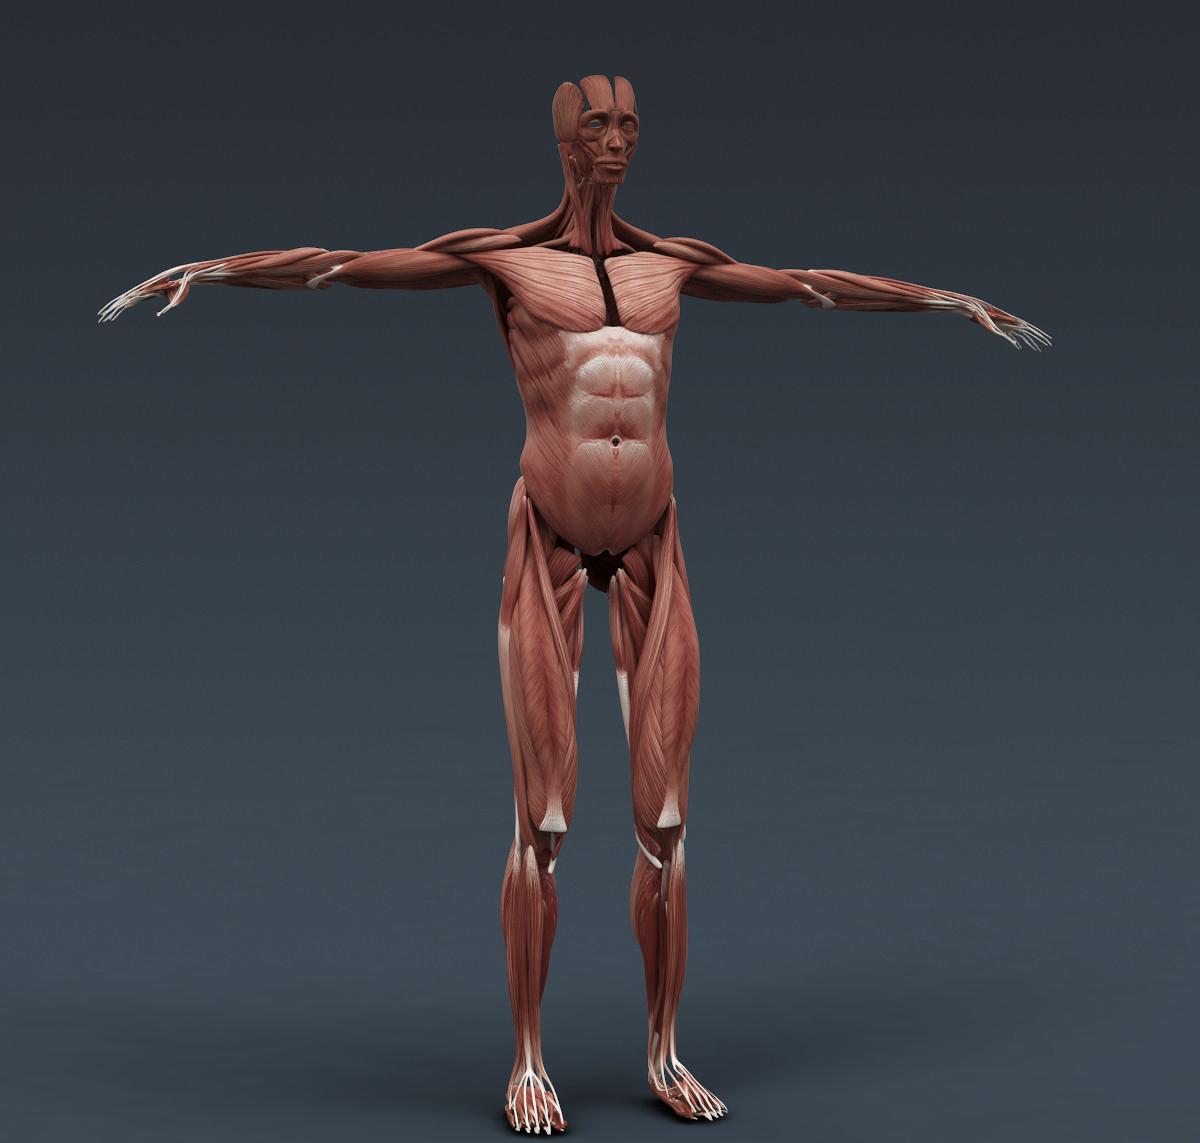 3D ARTIST: 3D Female Anatomy Modeling